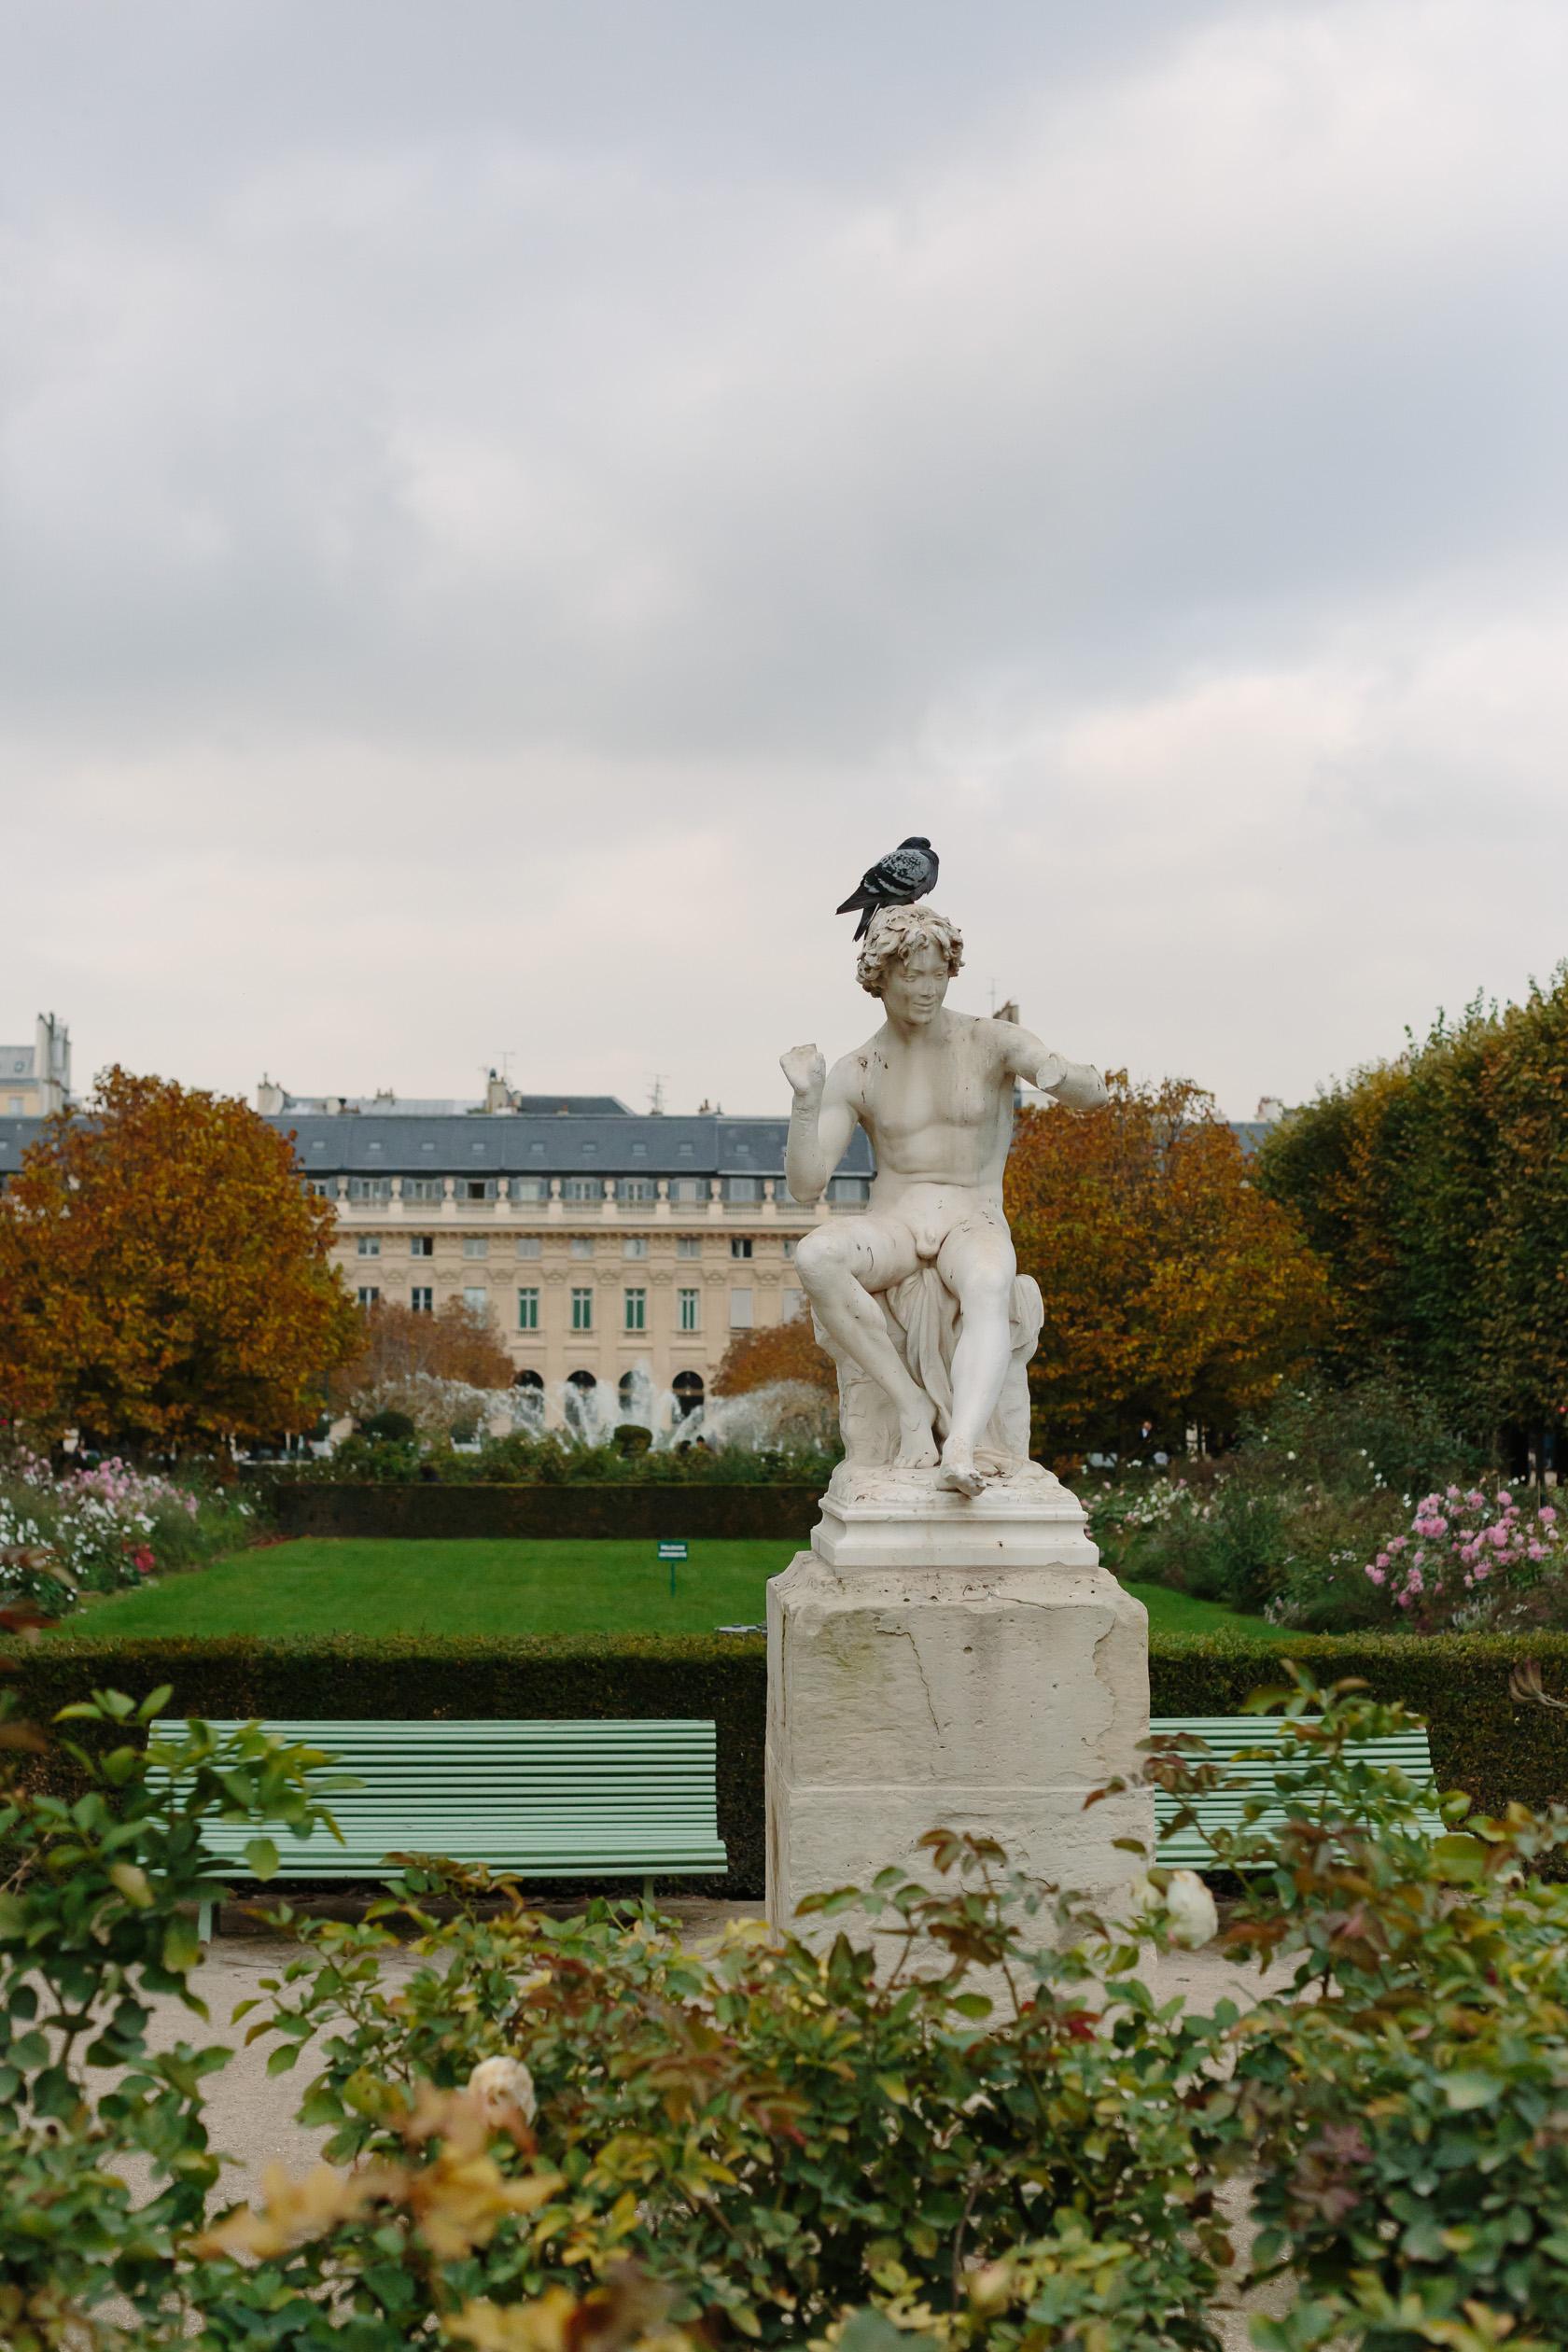 palais-royal-5188